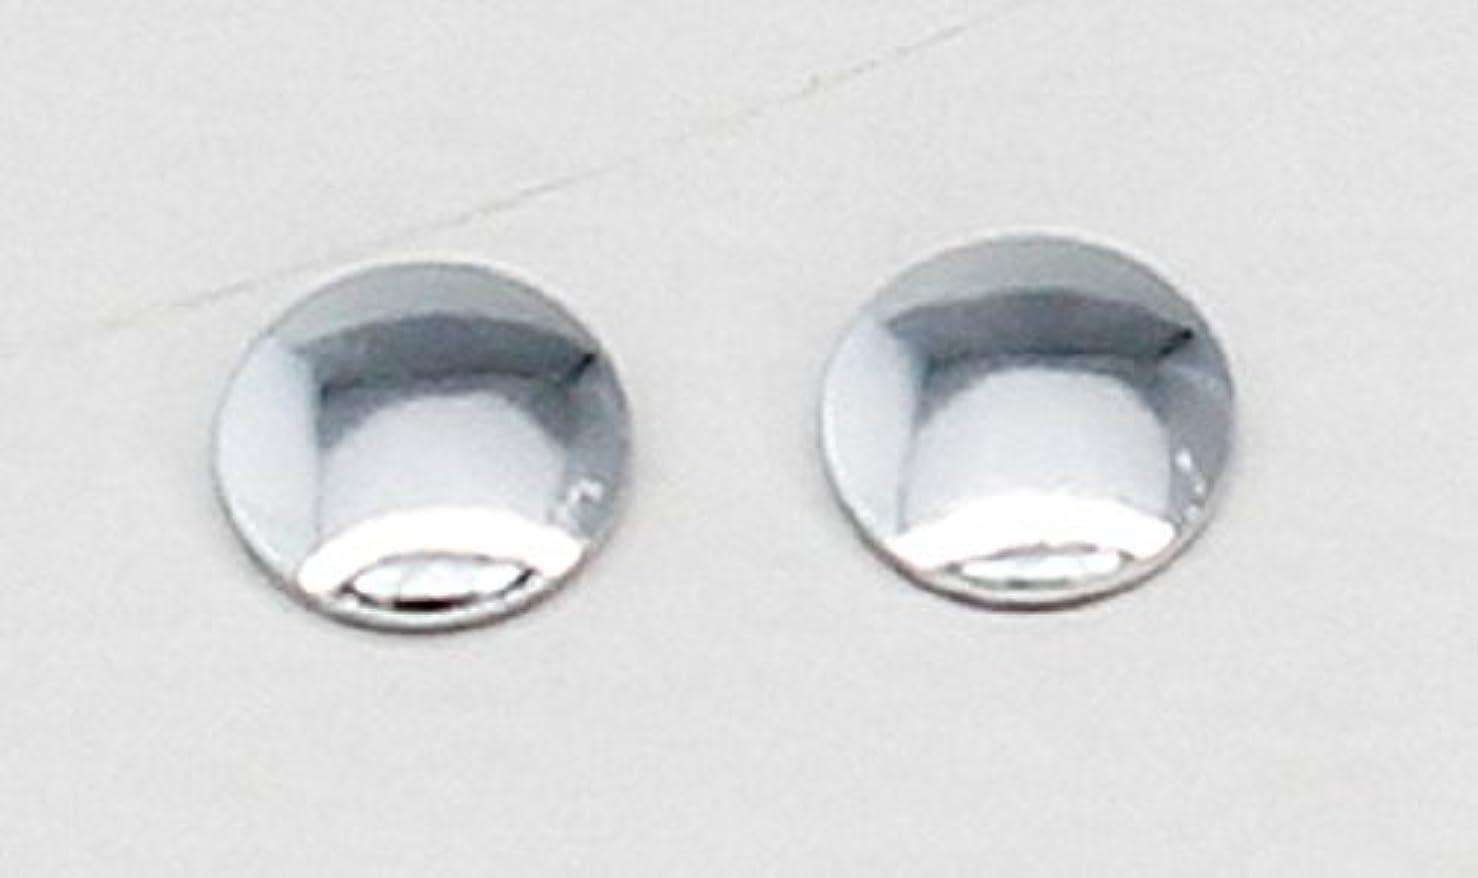 装備するマーガレットミッチェルメトロポリタン10489 Hotfix(ホットフィックス) メタルスタッズ 丸形 4mm 50粒 スワロフスキー/シルバー